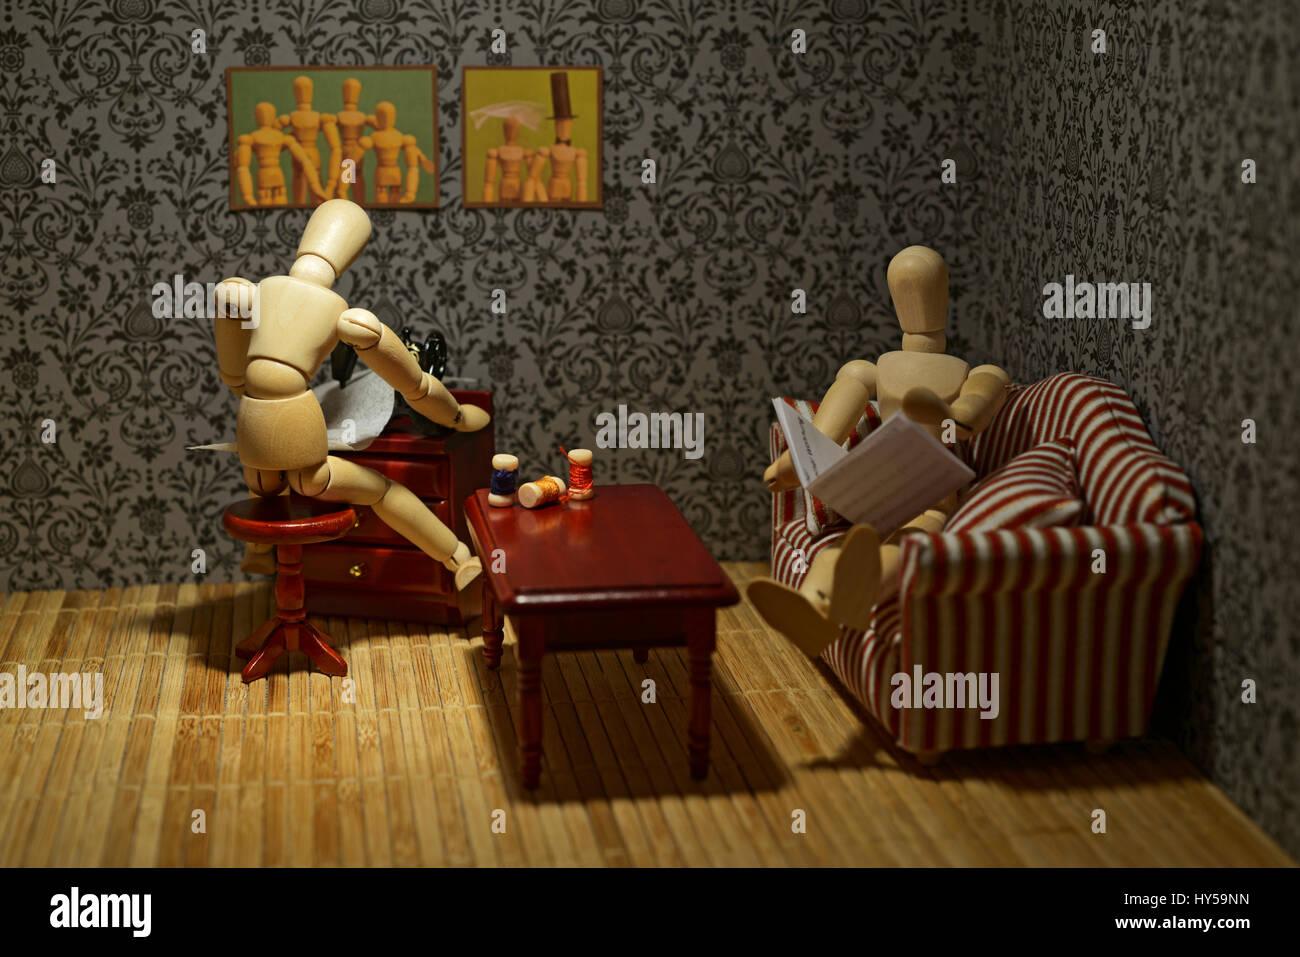 La vita delle figure in legno - Vivere in Famiglia, vita quotidiana Immagini Stock